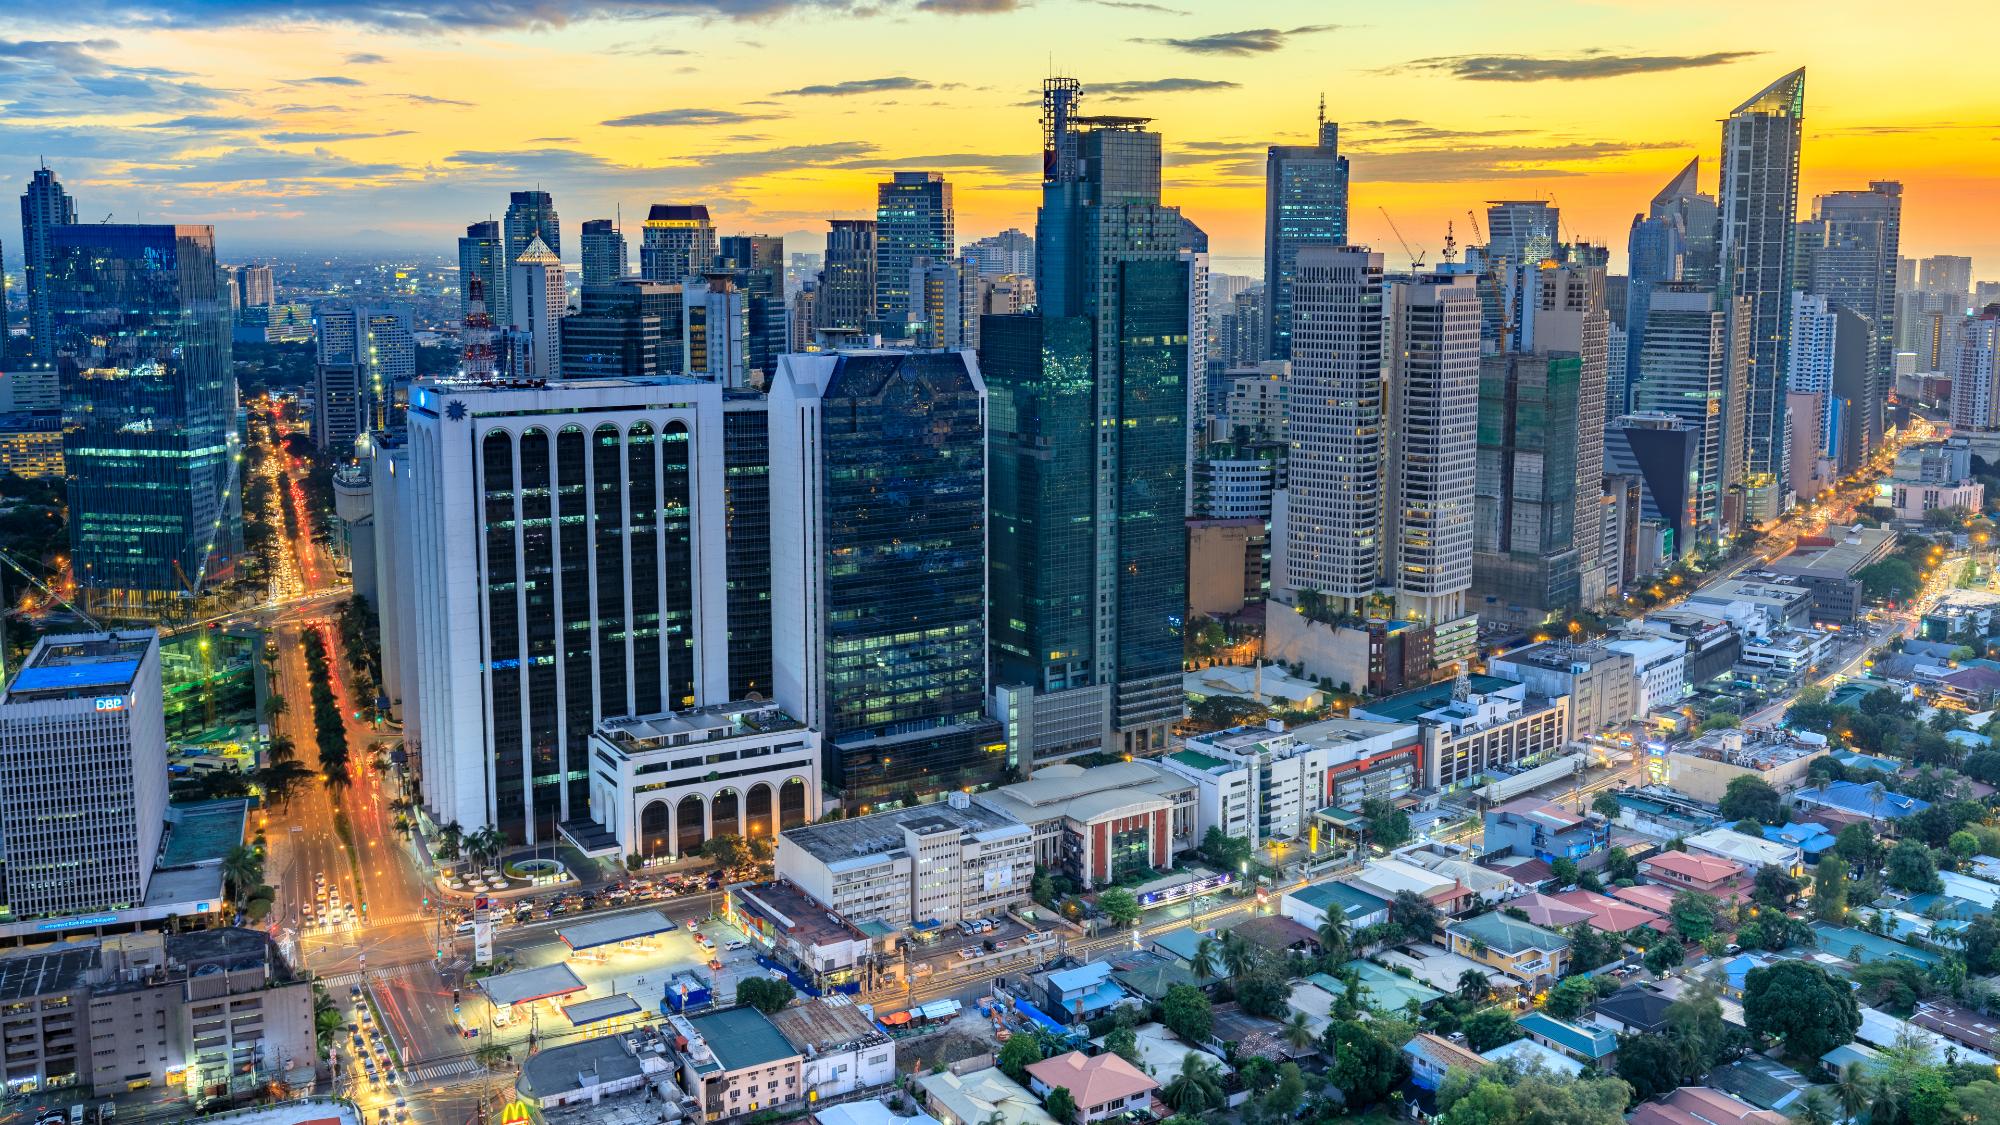 三菱、三井、野村…日本の大手デベが「フィリピン」を狙う理由